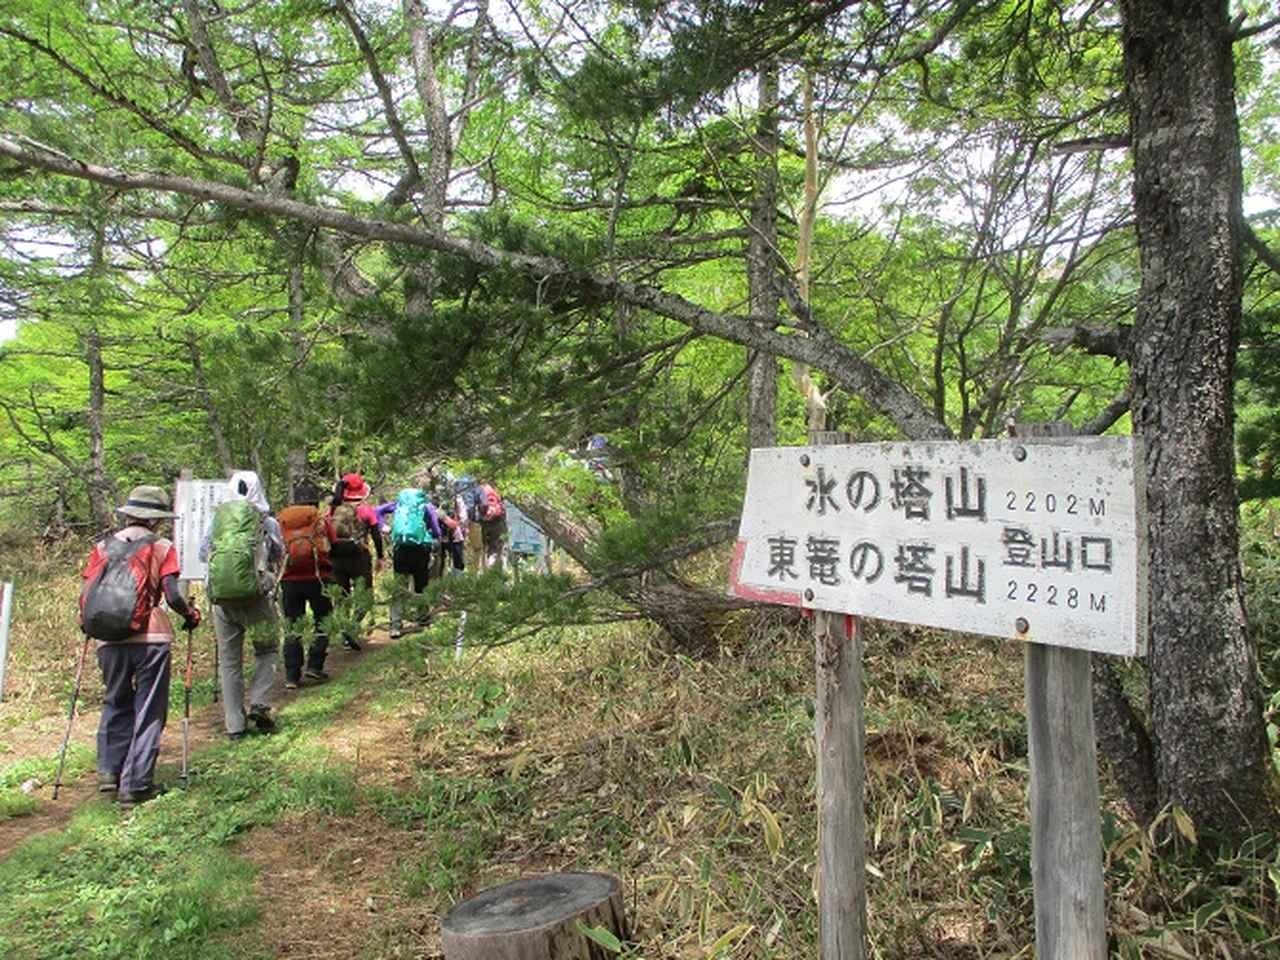 画像1: 【山旅会・登山ガイドこだわりツアー】添乗員からの便り・水ノ塔山から東篭ノ登山ツアーに行ってきました!